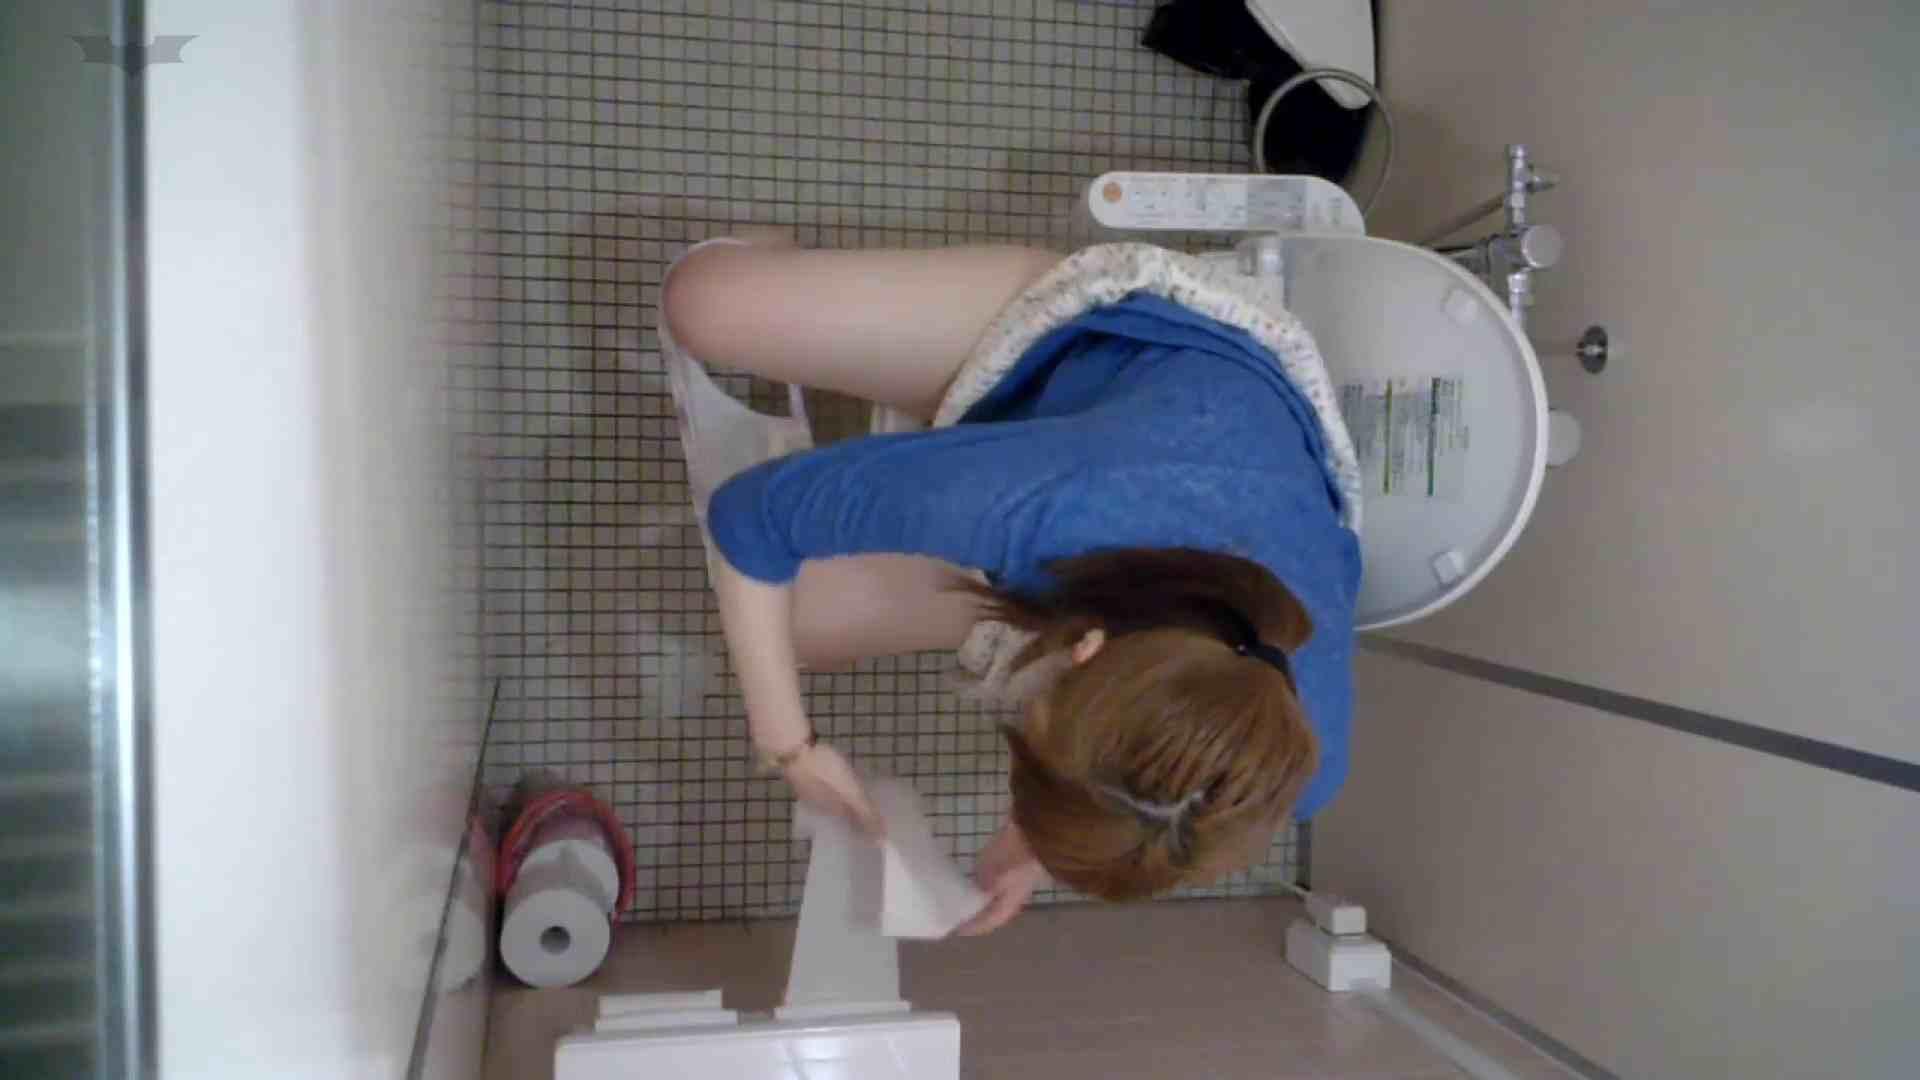 有名大学女性洗面所 vol.48 おっ、脱いじゃう感じだっ!!しかも粒ぞろい 排泄   和式でハメ撮り  70pic 25